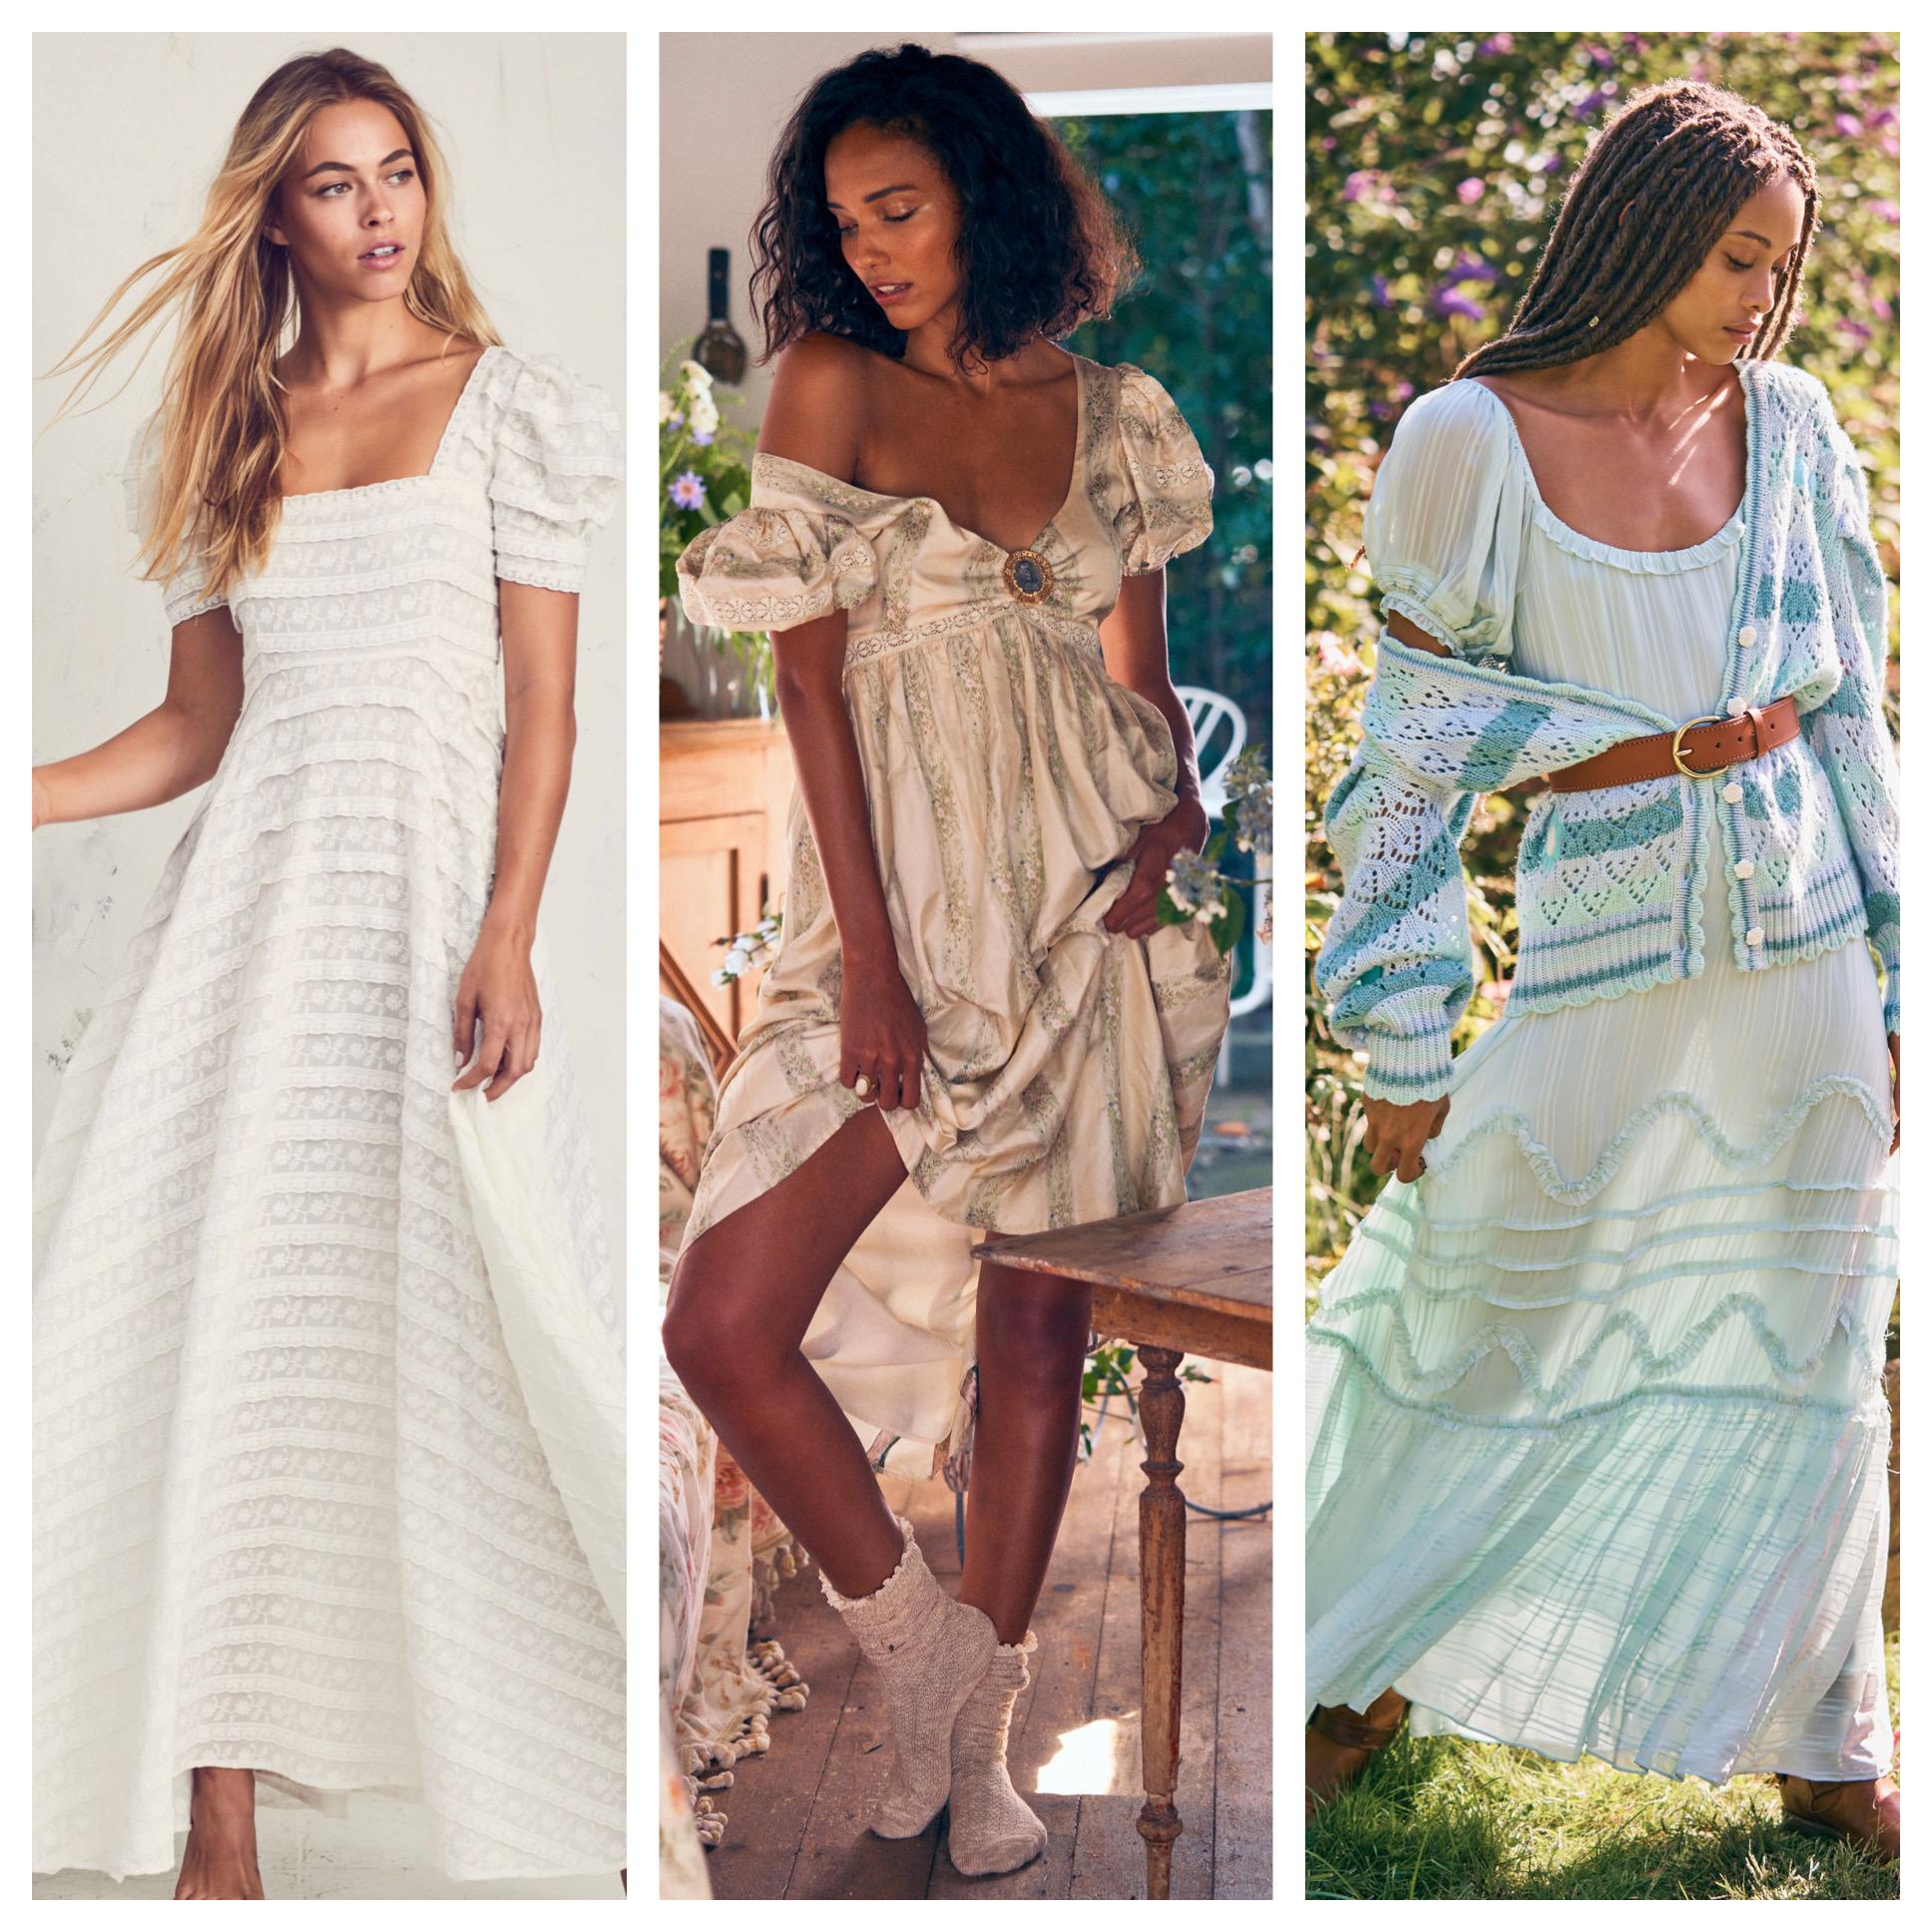 How Seven Fashion Designers Would Dress the Cast of 'Bridgerton'